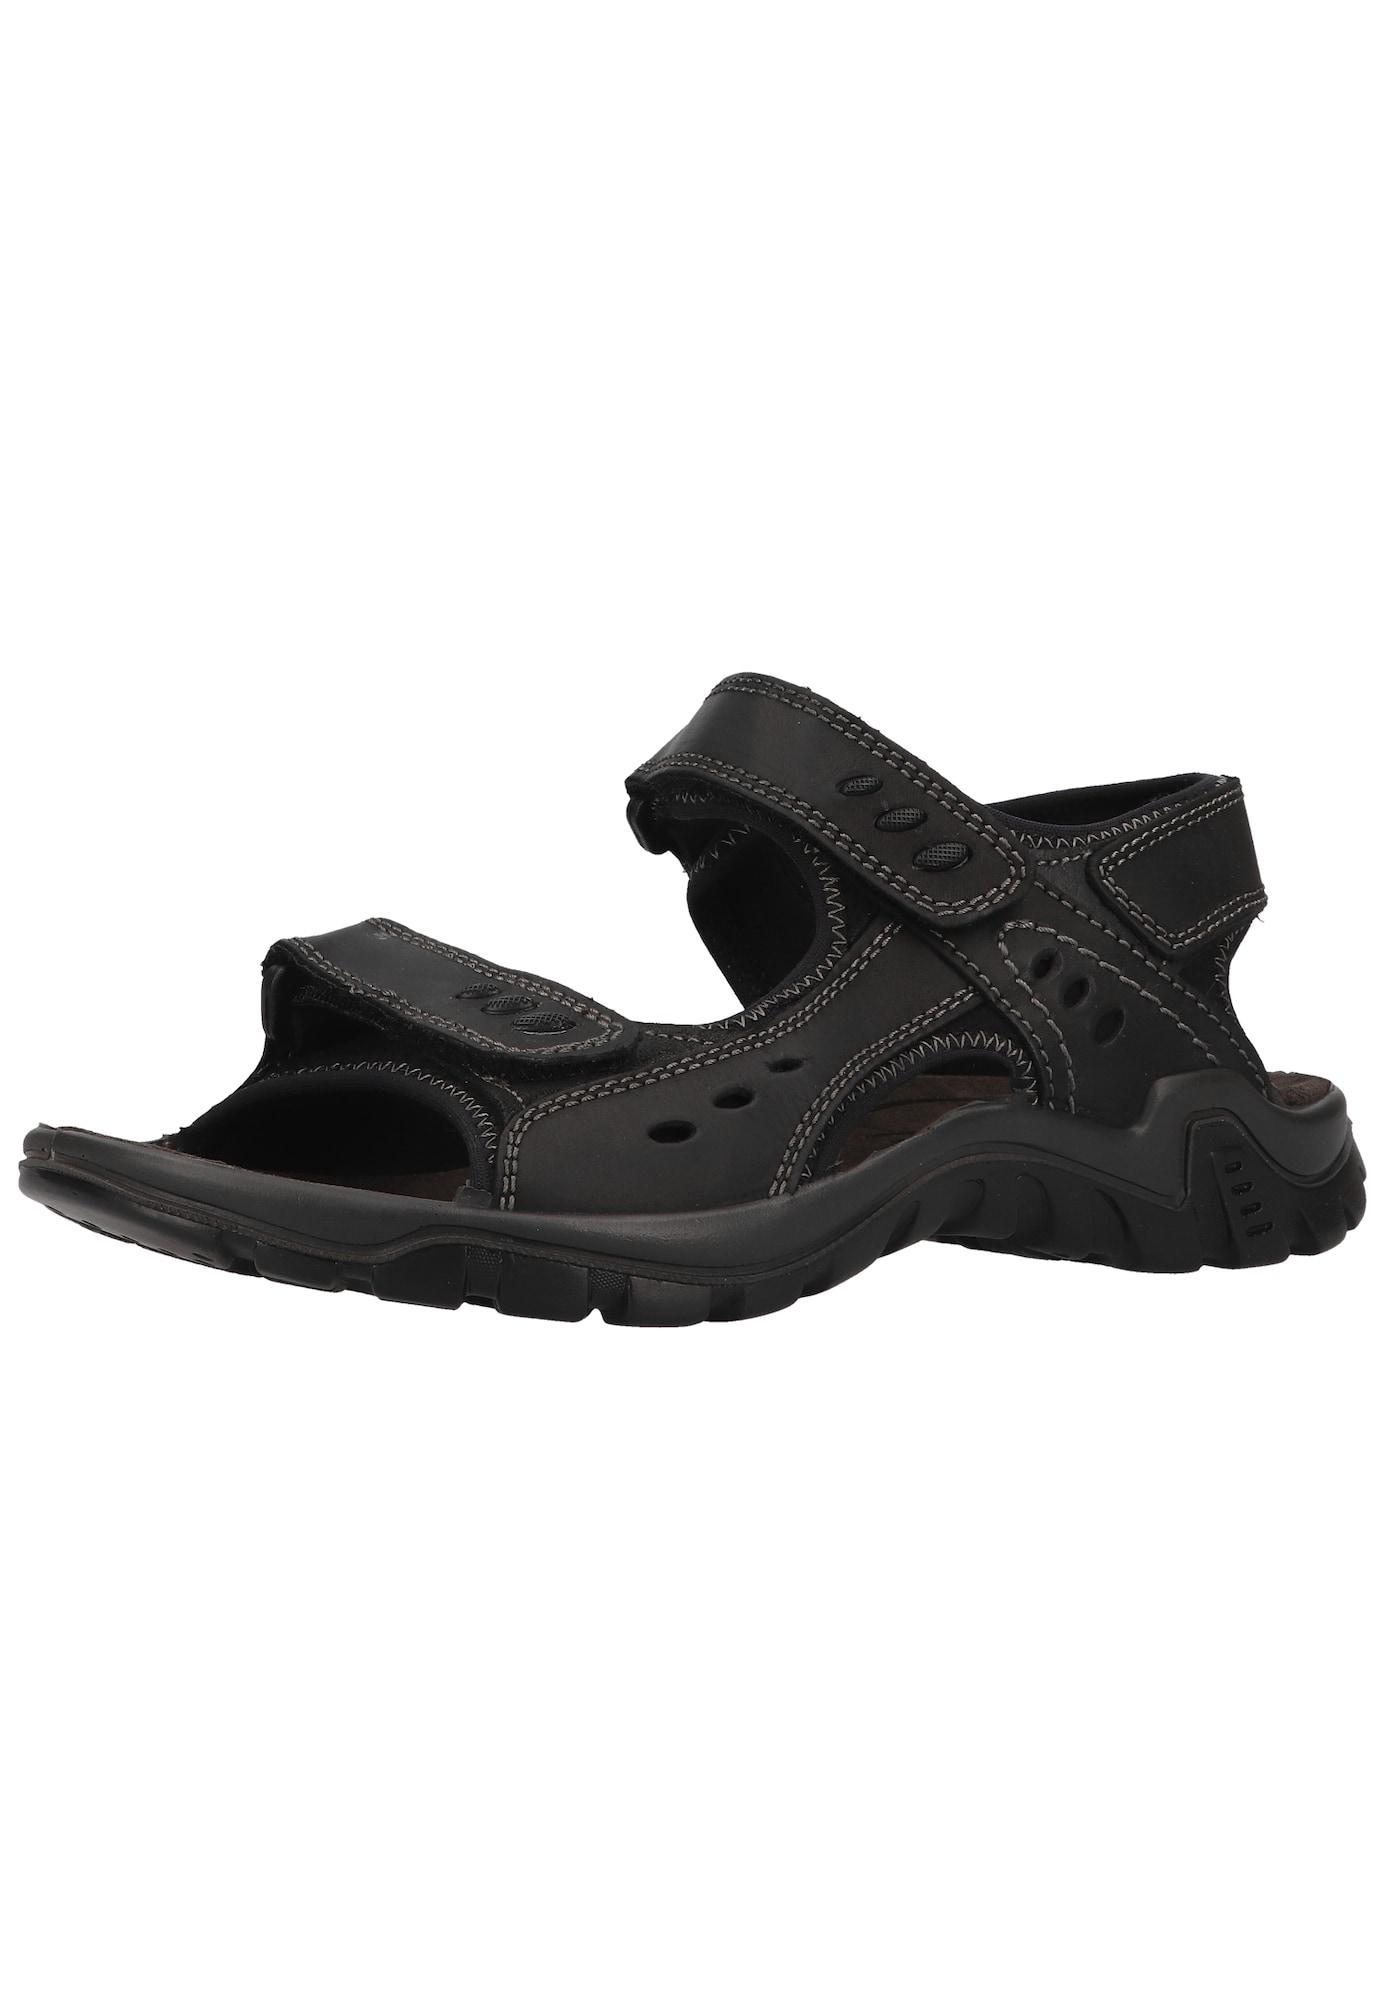 ROHDE Sandalen schwarz